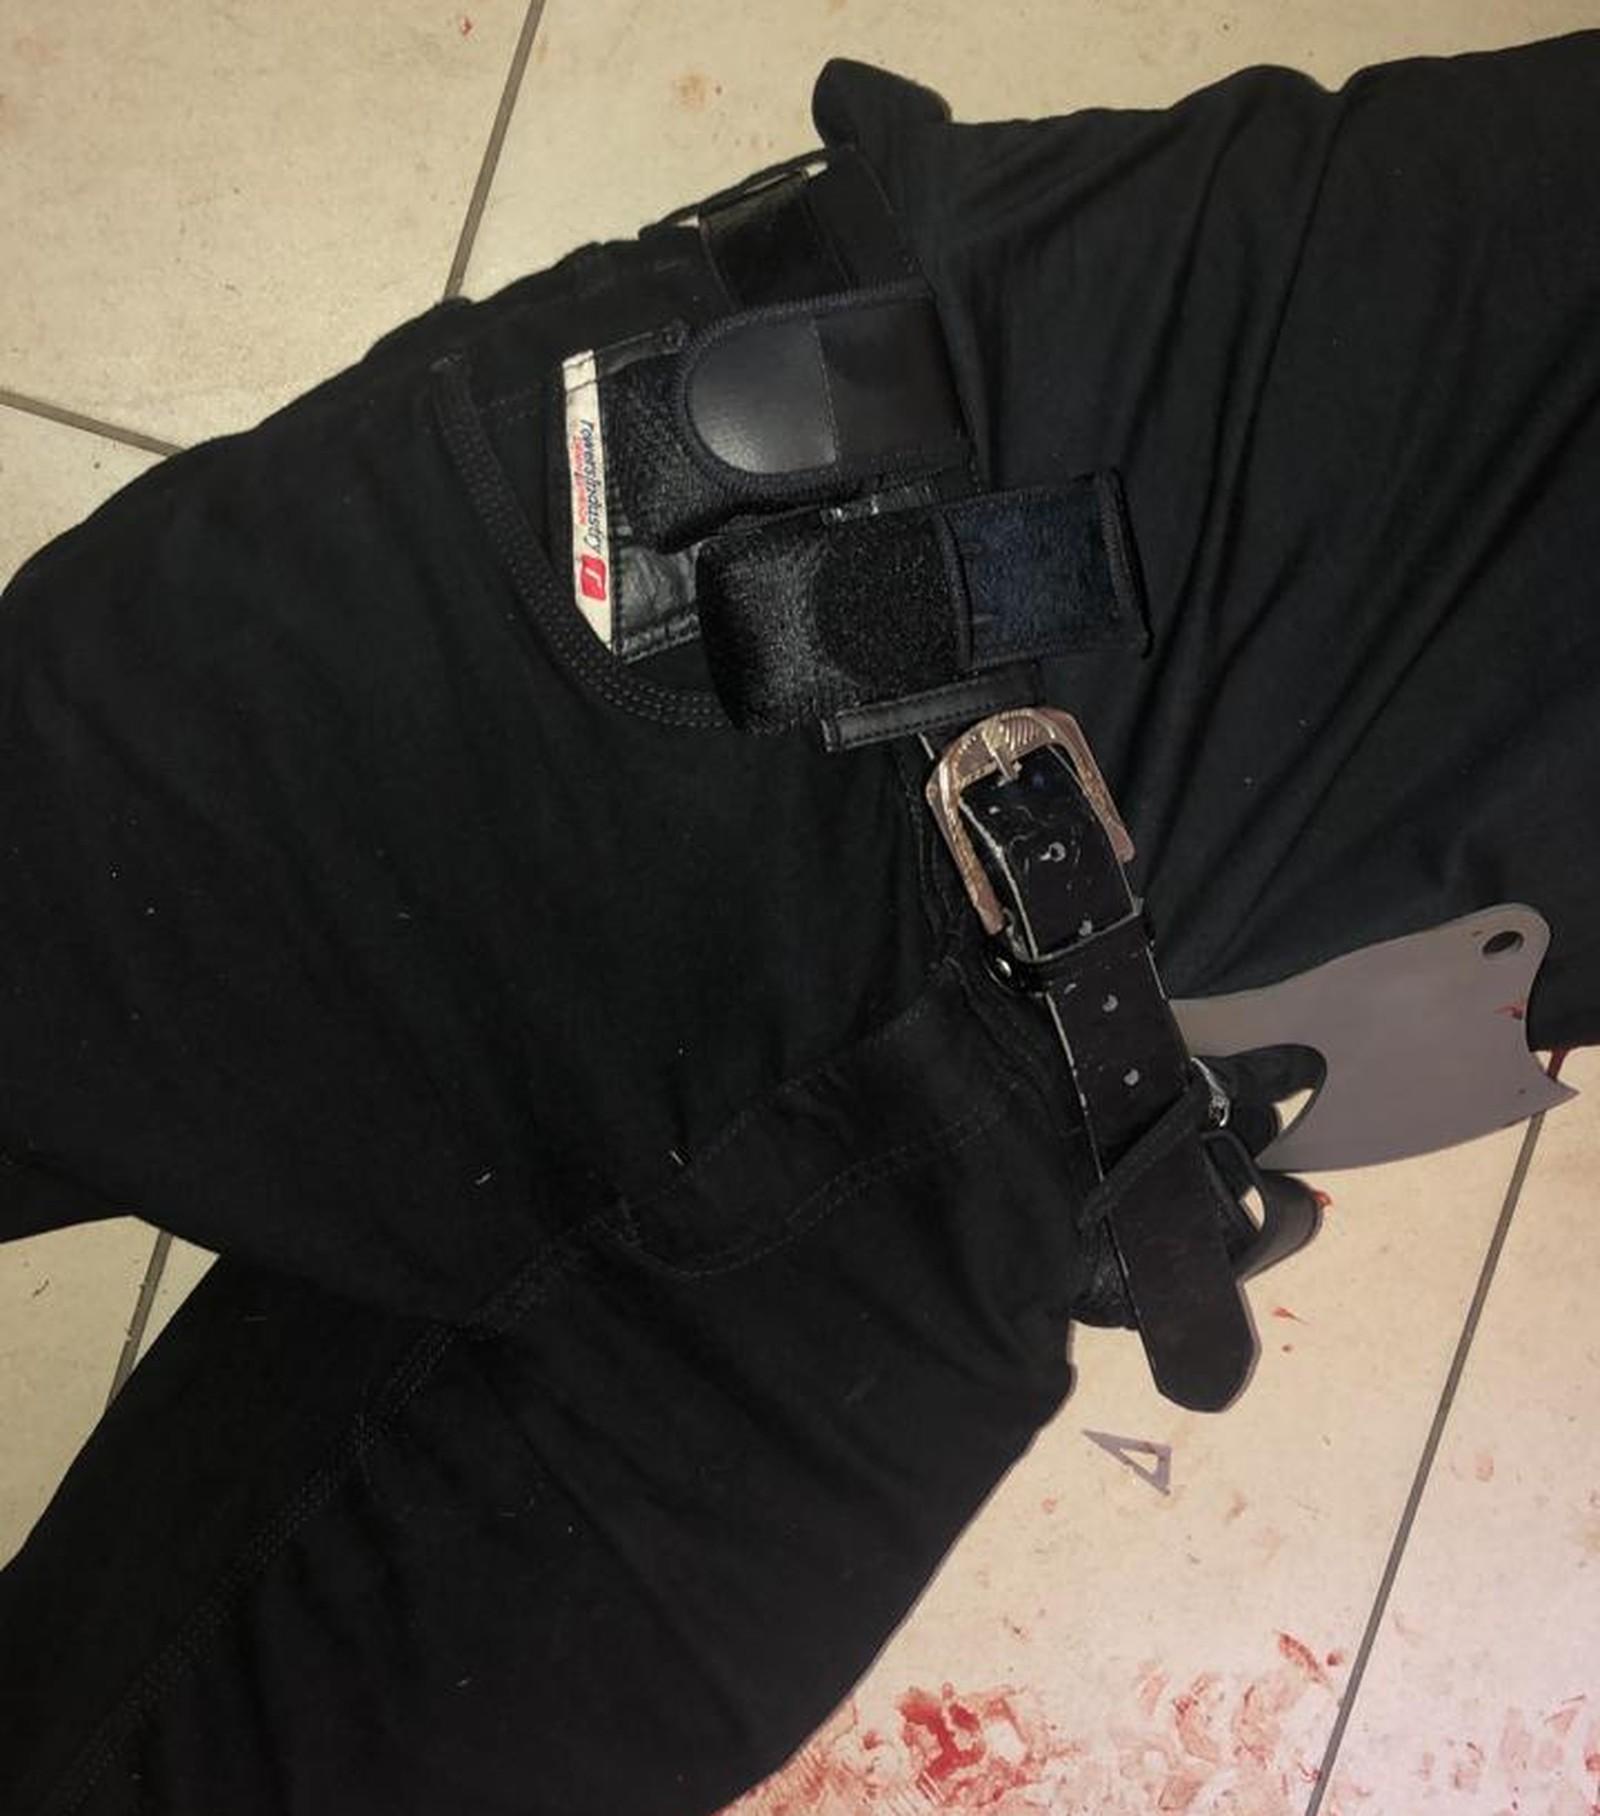 Polícia divulga nome dos assassinos e das vítimas. Vejam as imagens das armas utilizadas no ataque terrorista